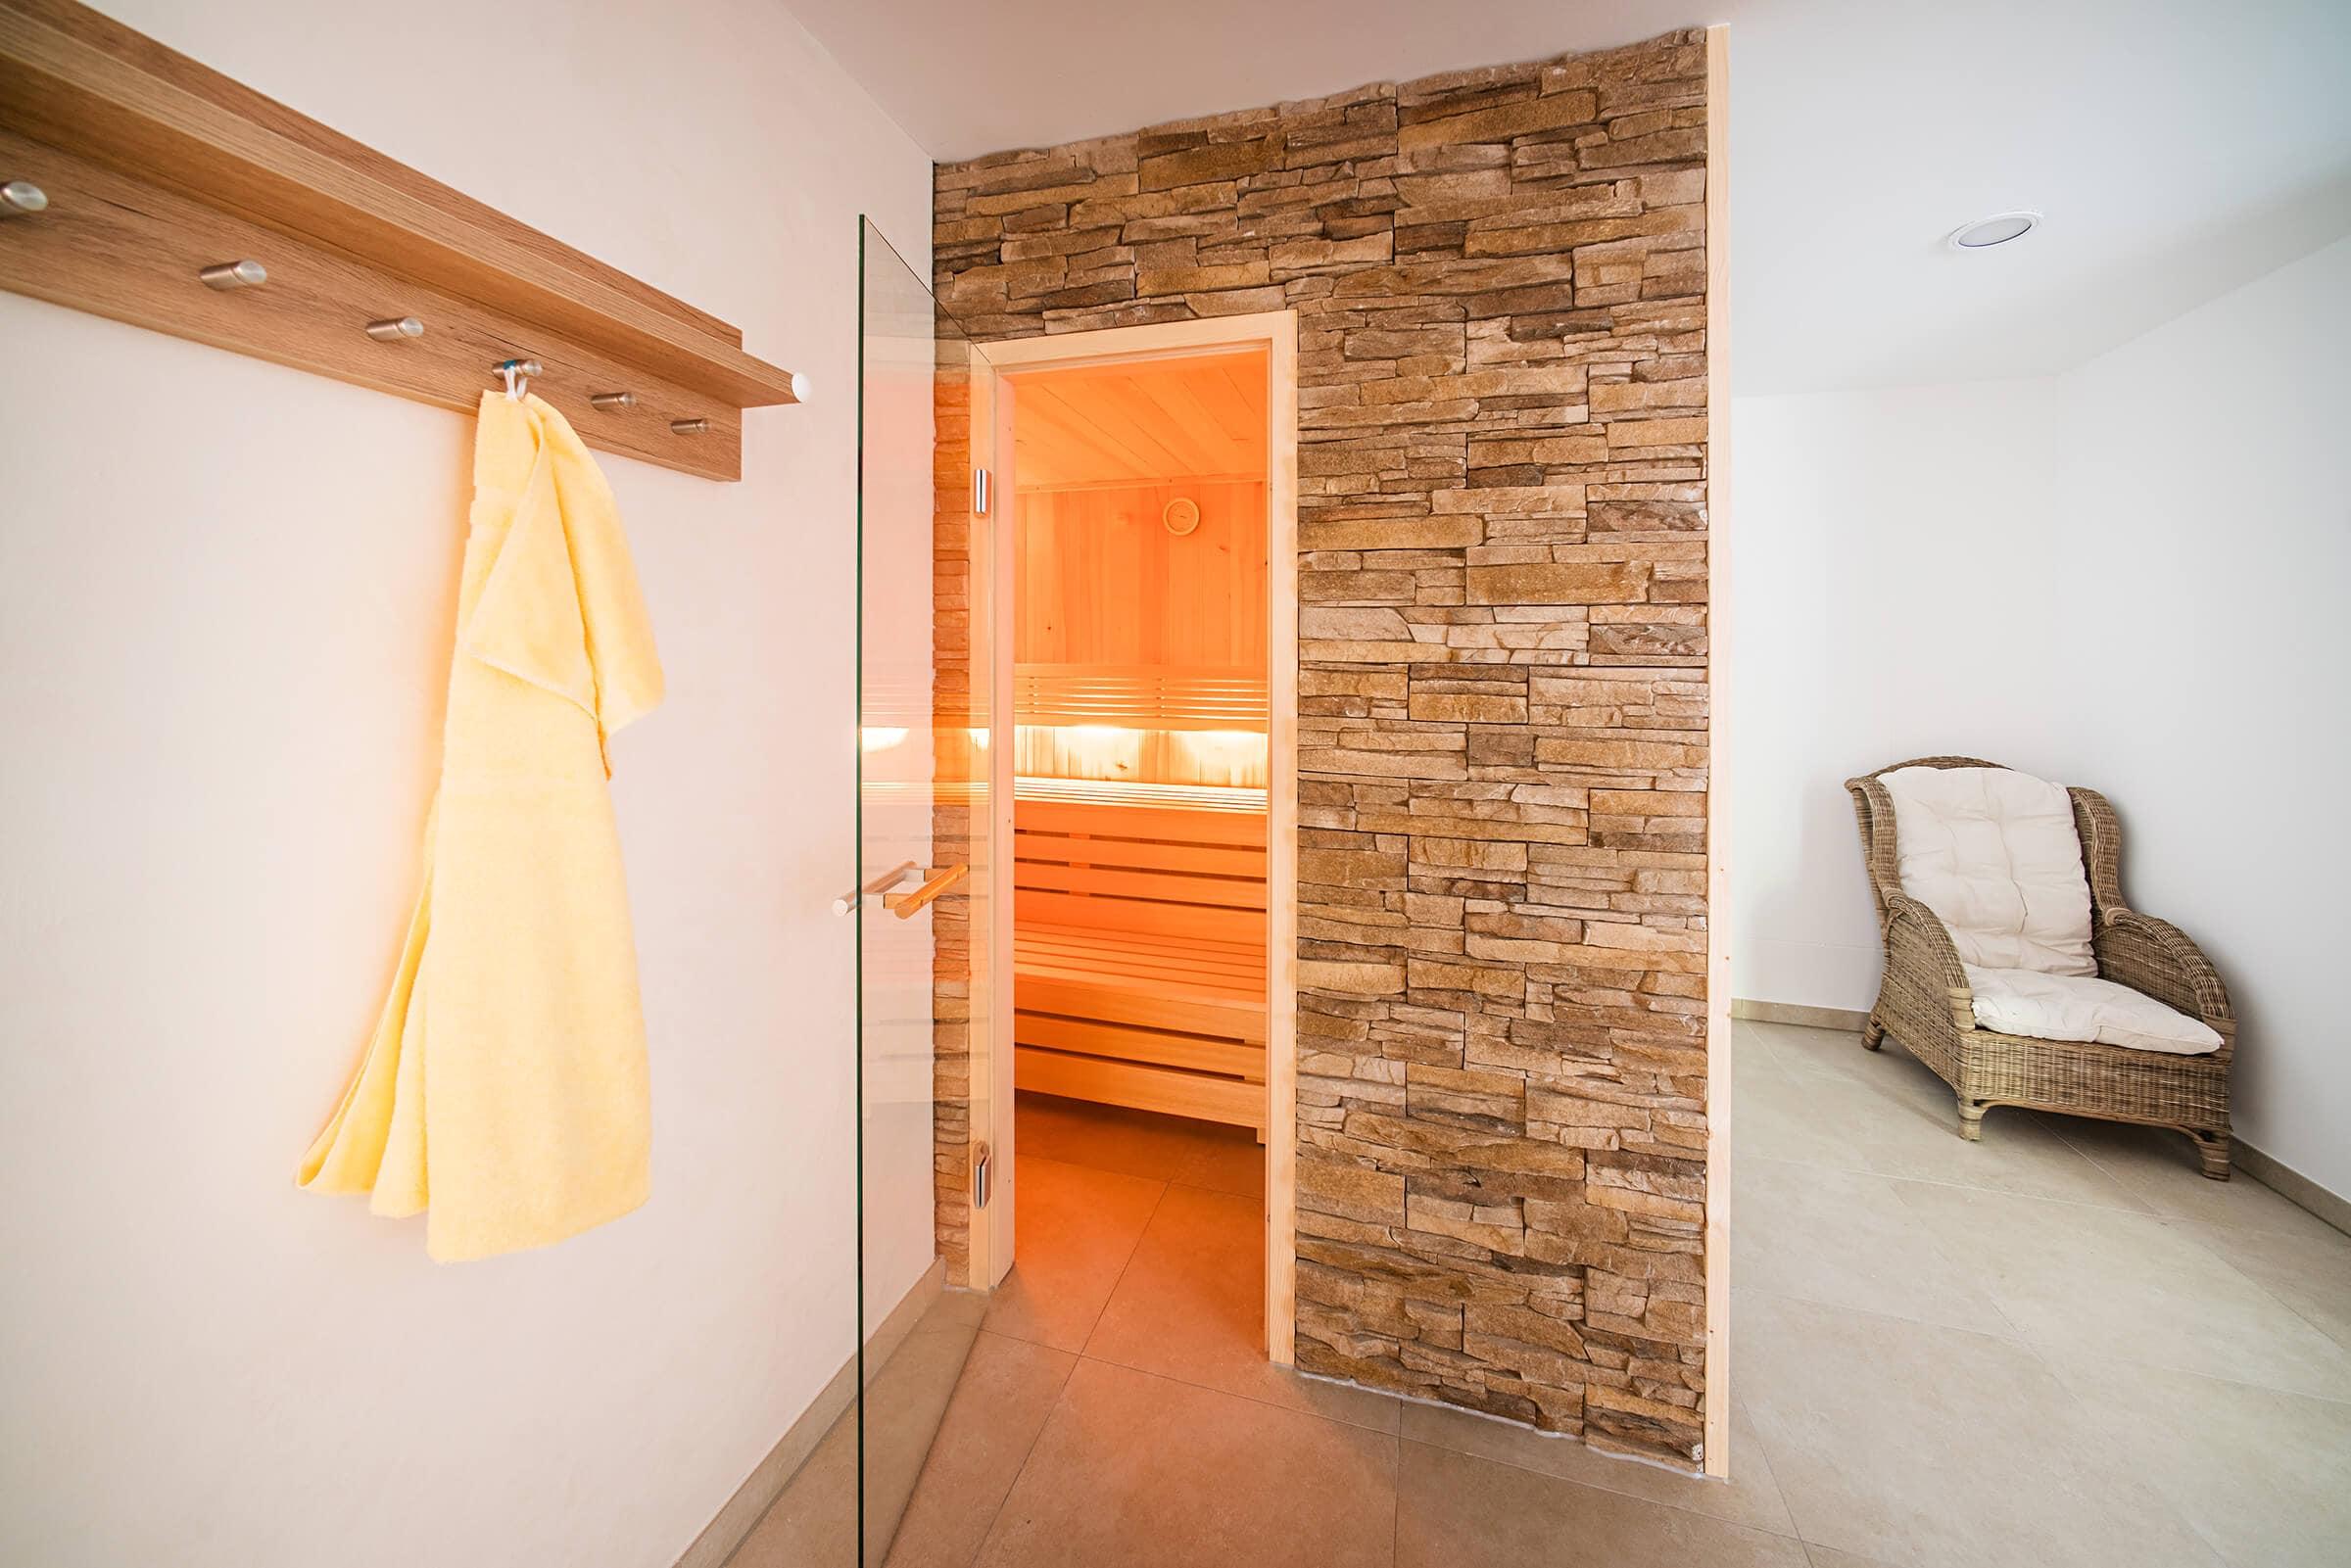 Hotel Gasthaus Loewen Buchholz Sauna Detailansicht